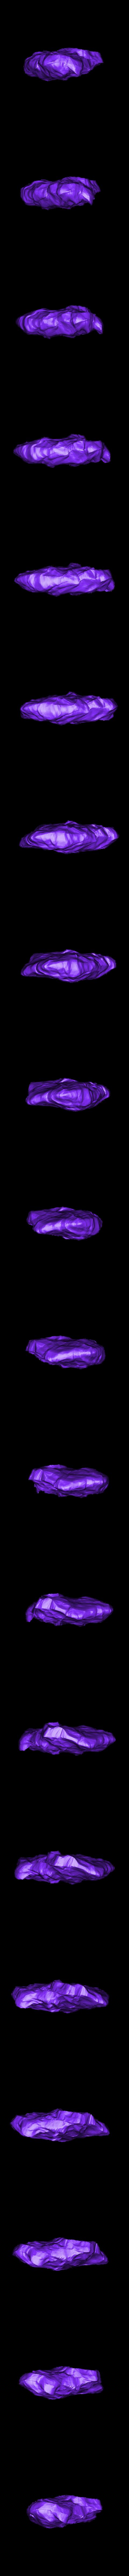 flat_rock_SubTool4.stl Télécharger fichier STL gratuit Roches pour le wargame (collection de 18 roches haute résolution) • Design pour impression 3D, BREXIT